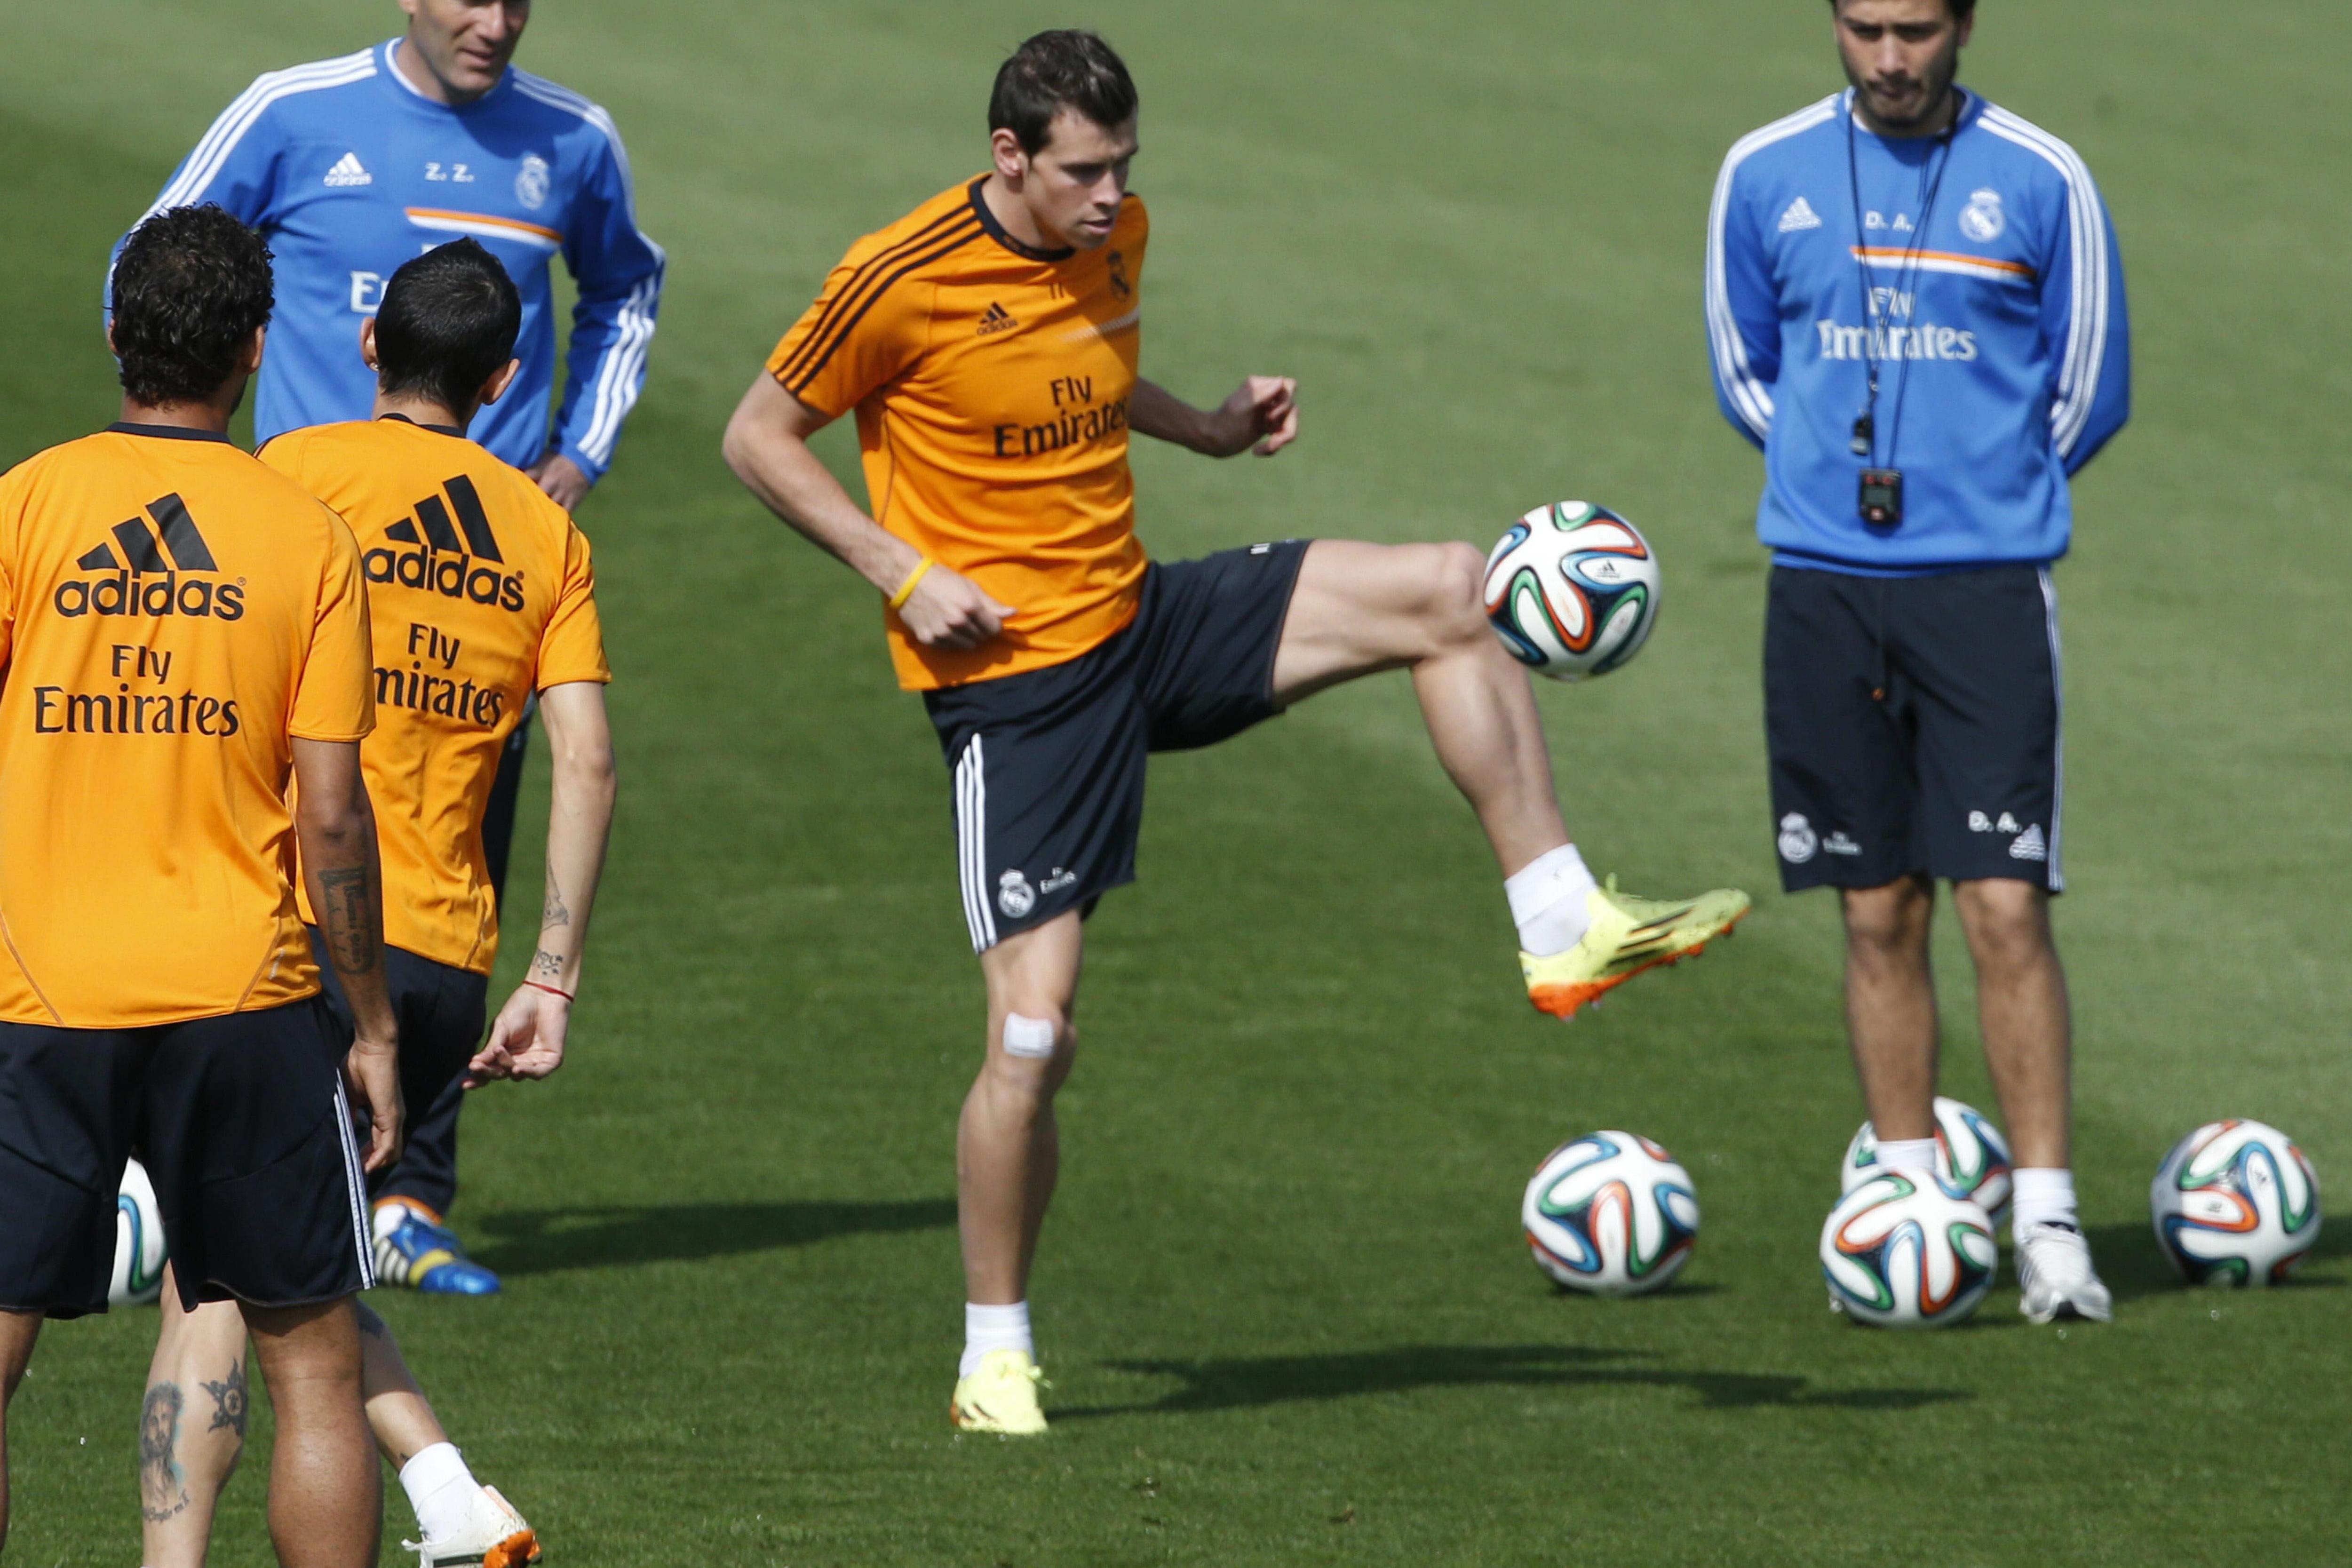 Cristiano Ronaldo, Ramos y Marcelo completan el entrenamiento